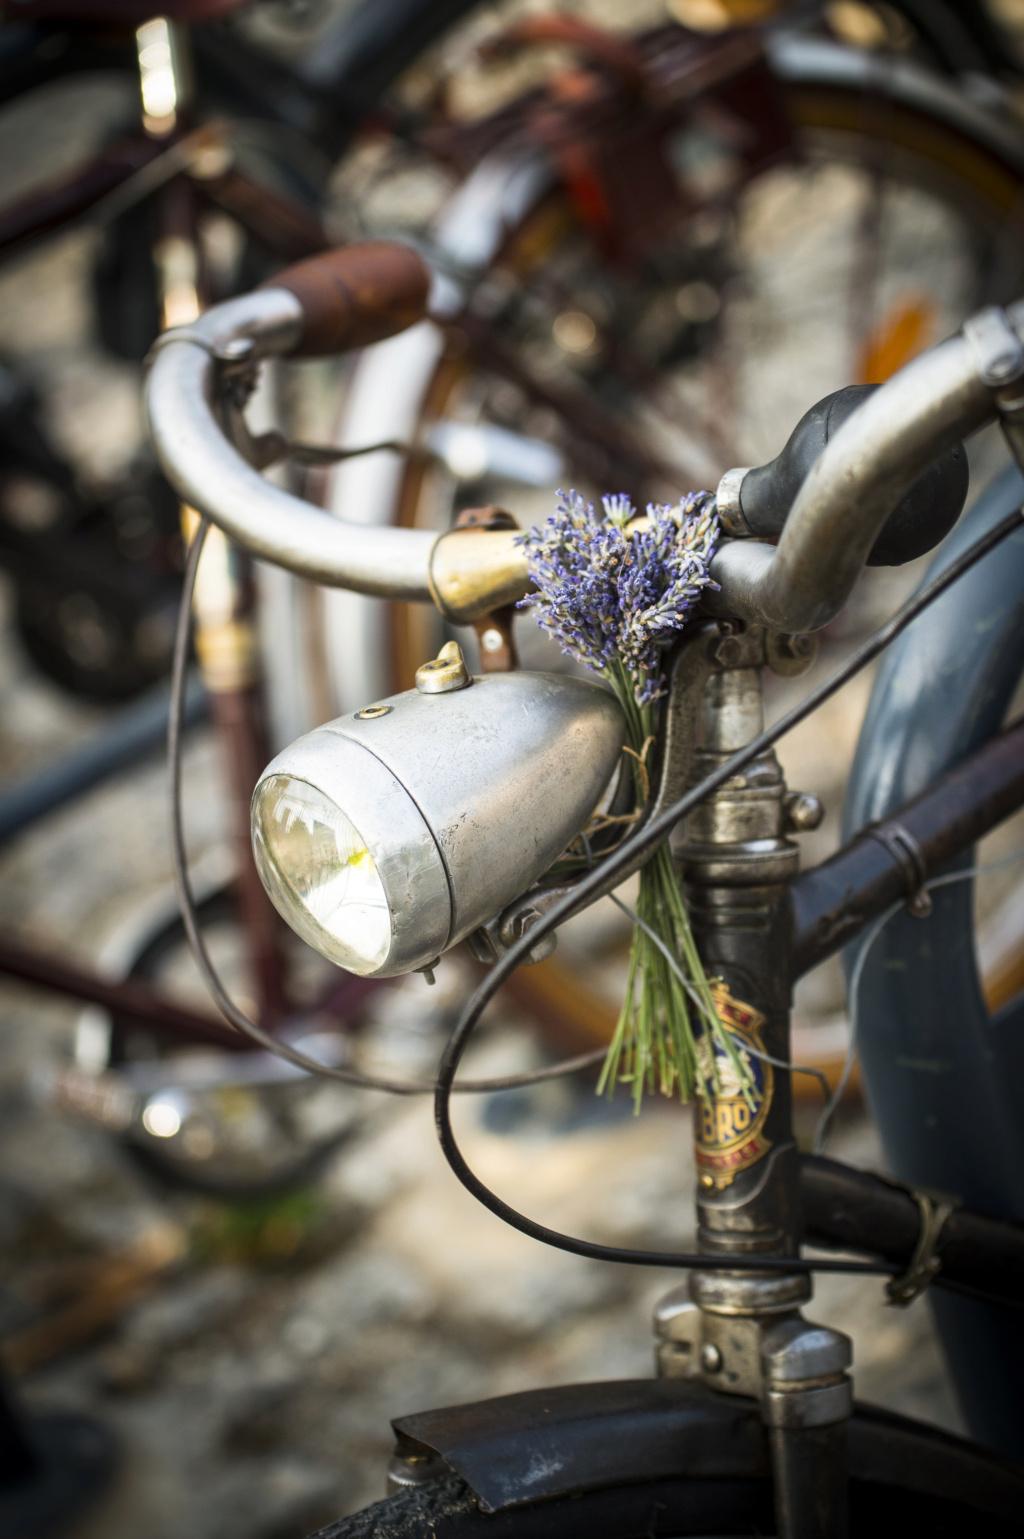 La vieille compagnie en bicyclette 20/09/2020 - Page 2 Paolov27